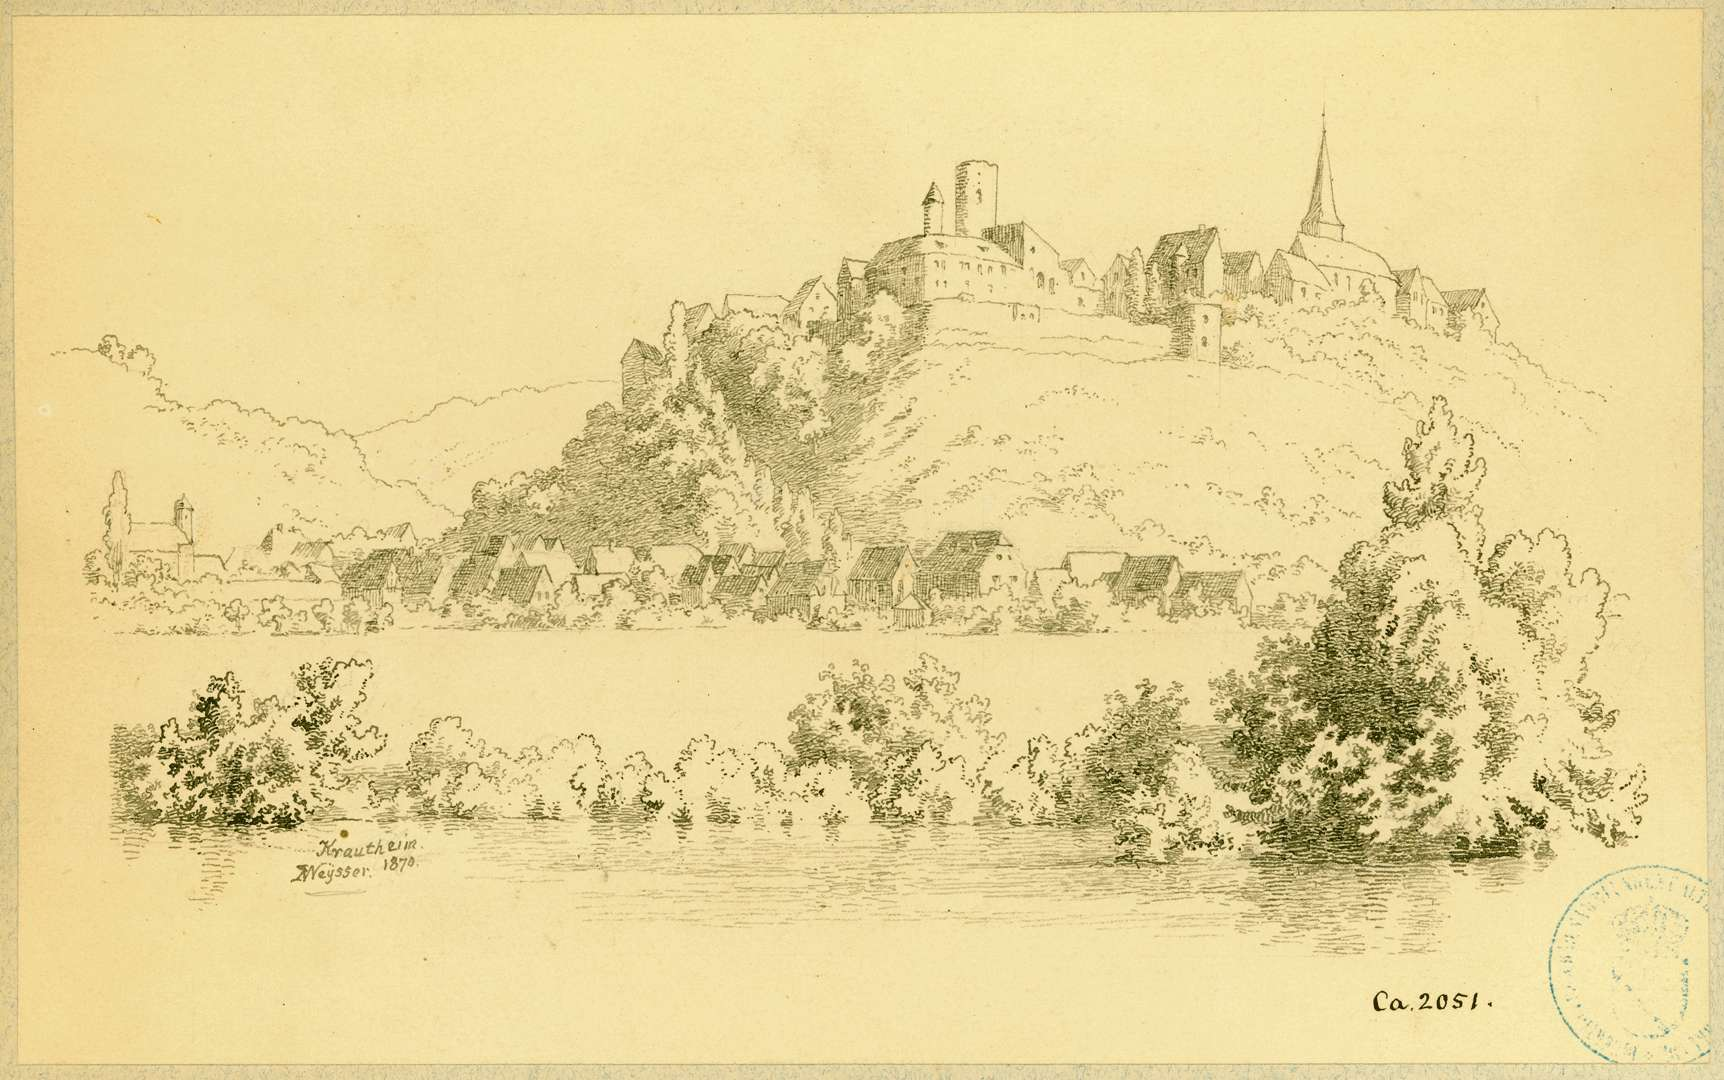 Krautheim Blick über die Jagst auf Stadt und Burg, Bild 1